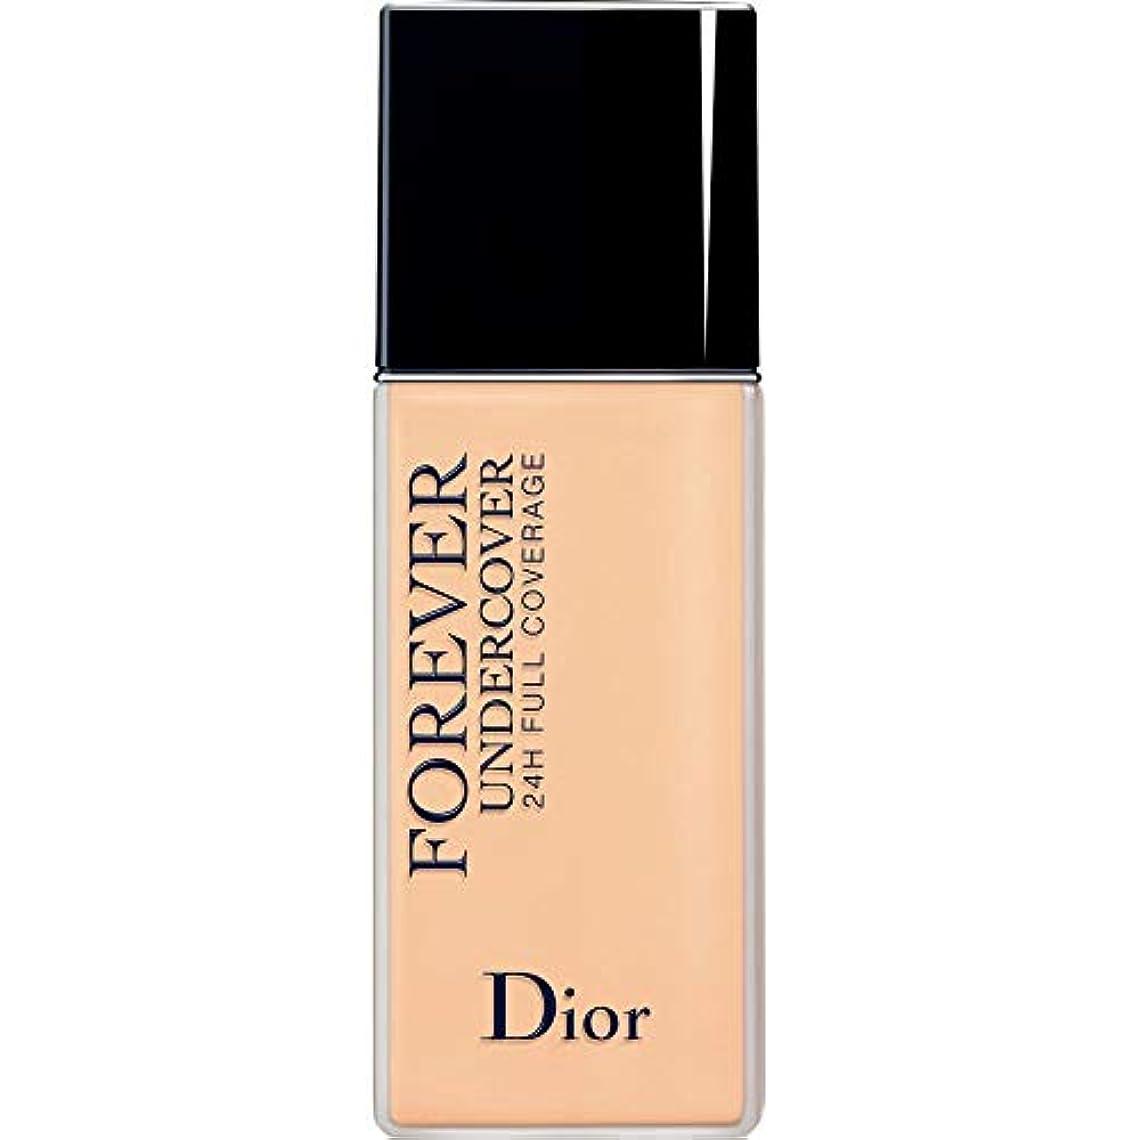 織機シルク将来の[Dior ] ディオールディオールスキン永遠アンダーカバーフルカバーの基礎40ミリリットル021 - リネン - DIOR Diorskin Forever Undercover Full Coverage Foundation...